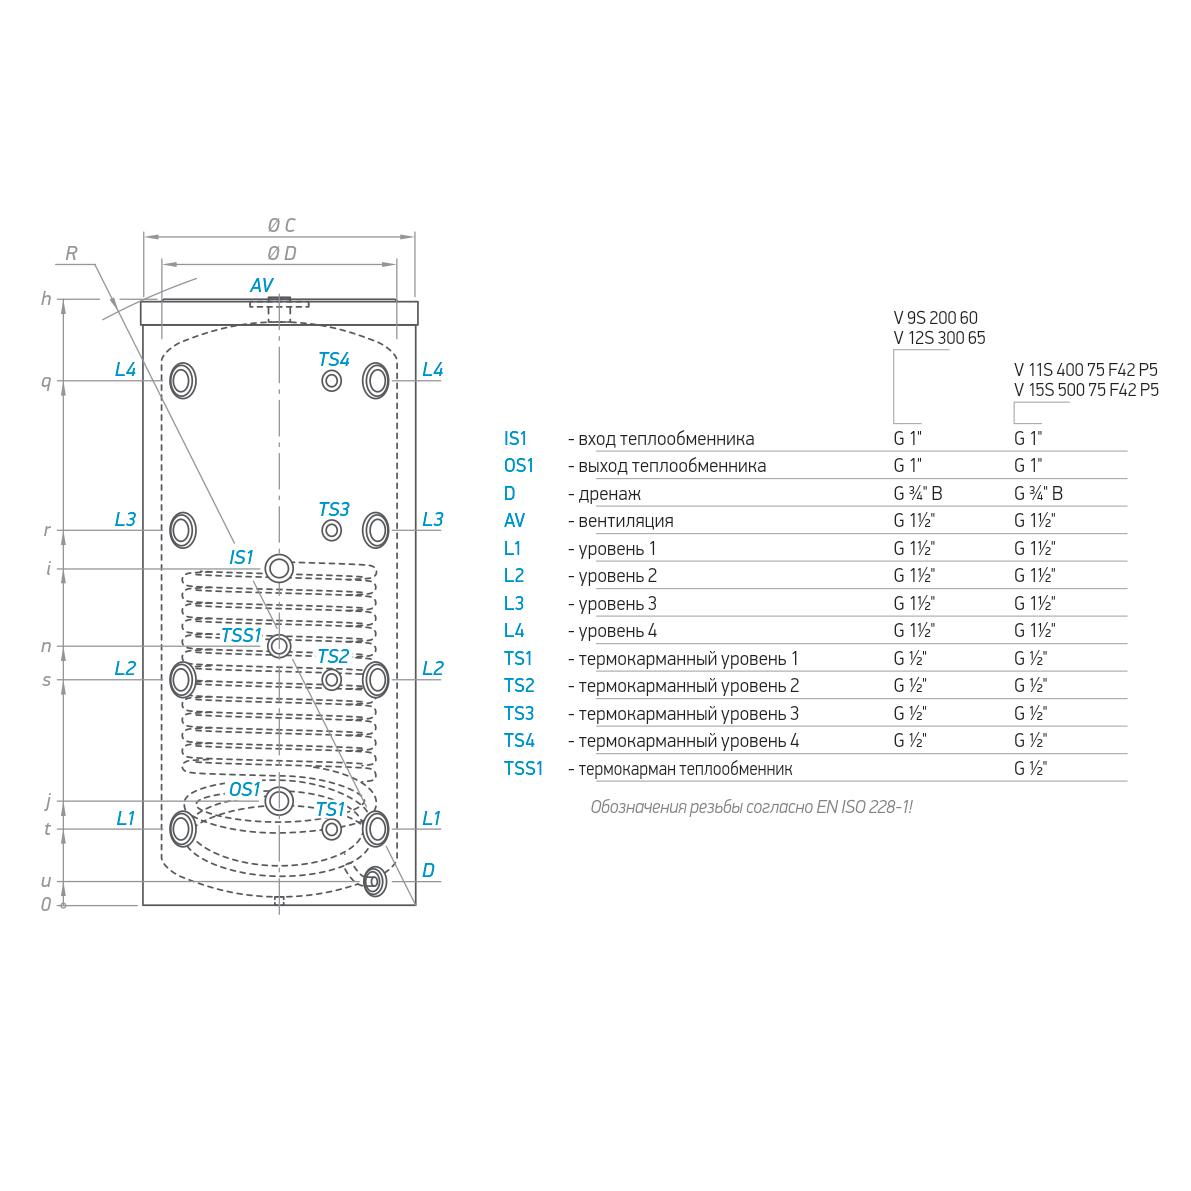 Буферная емкость с теплообменником Подогреватель низкого давления ПН 90-16-4 I Воткинск